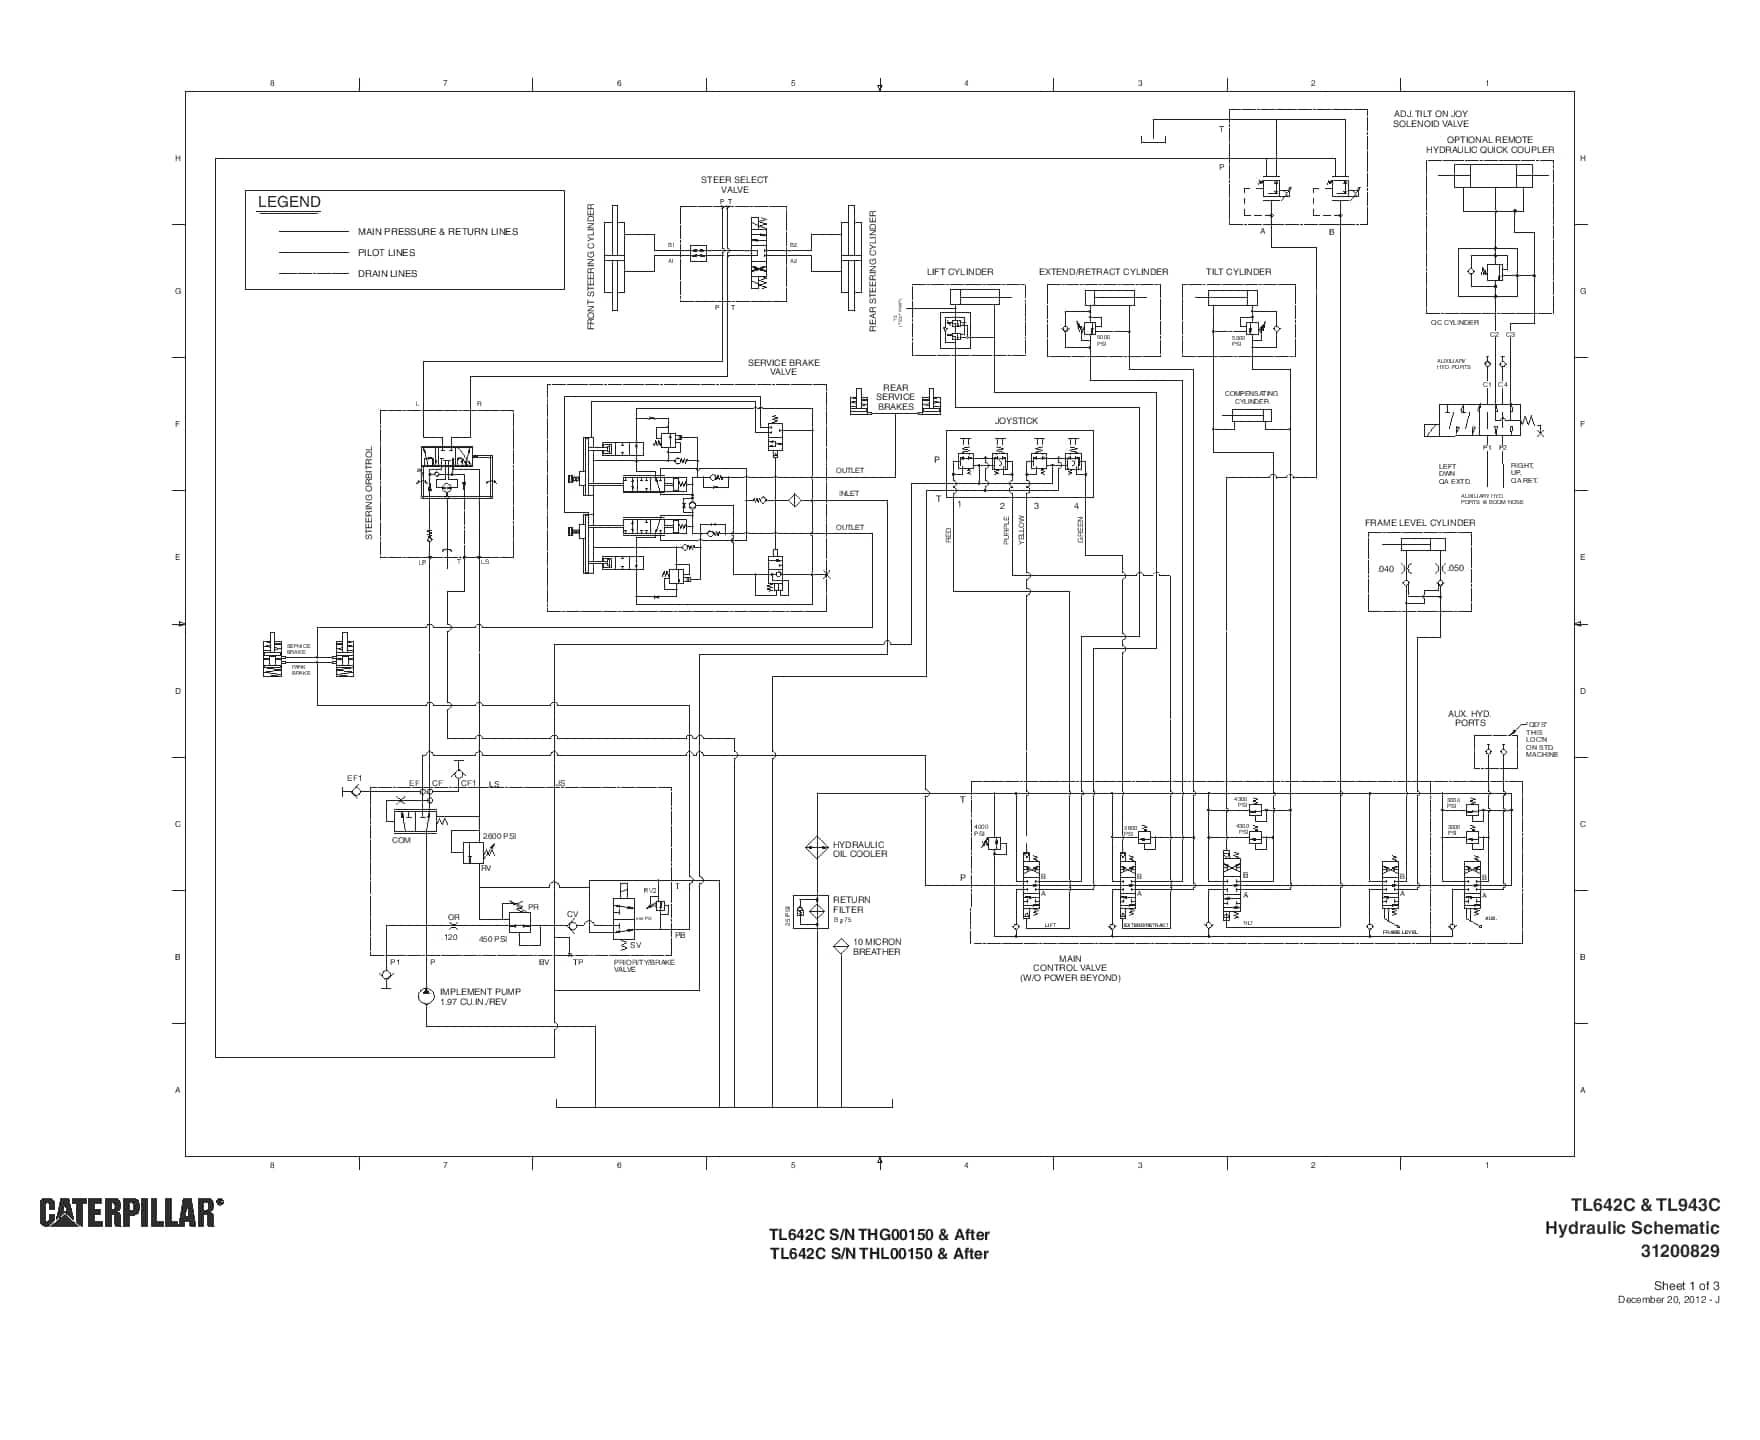 Cat Telehandler TL642C TL943C Hydraulic System Schematic